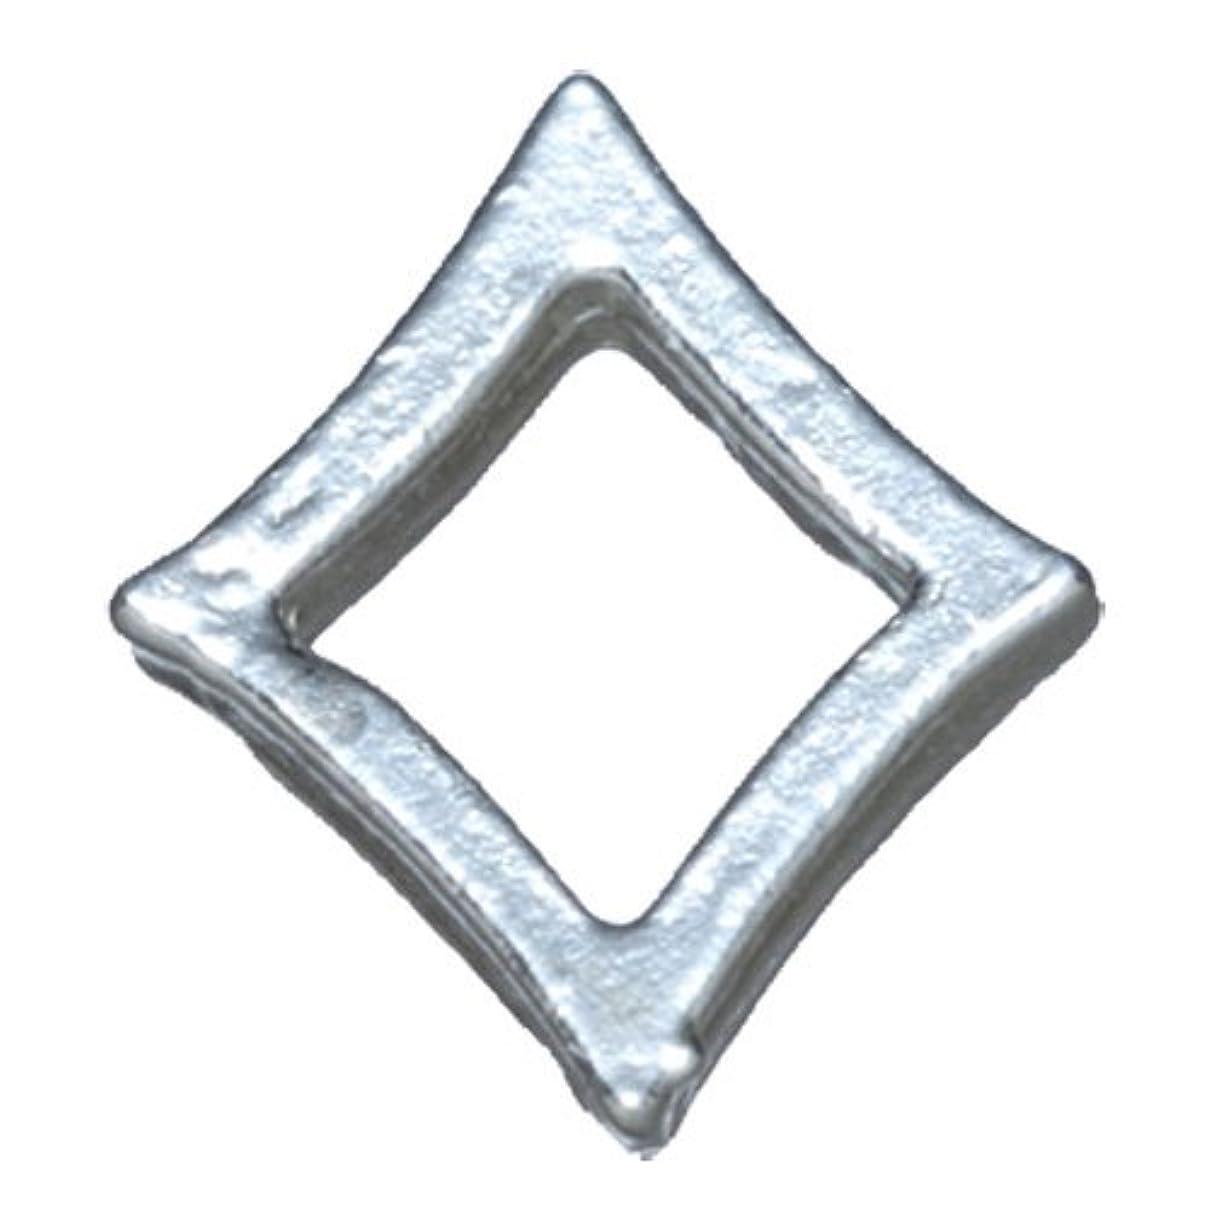 ドリンクドロップ野心プリティーネイル ネイルアートパーツ プレーンキラキラL シルバー 10個 PN-790R